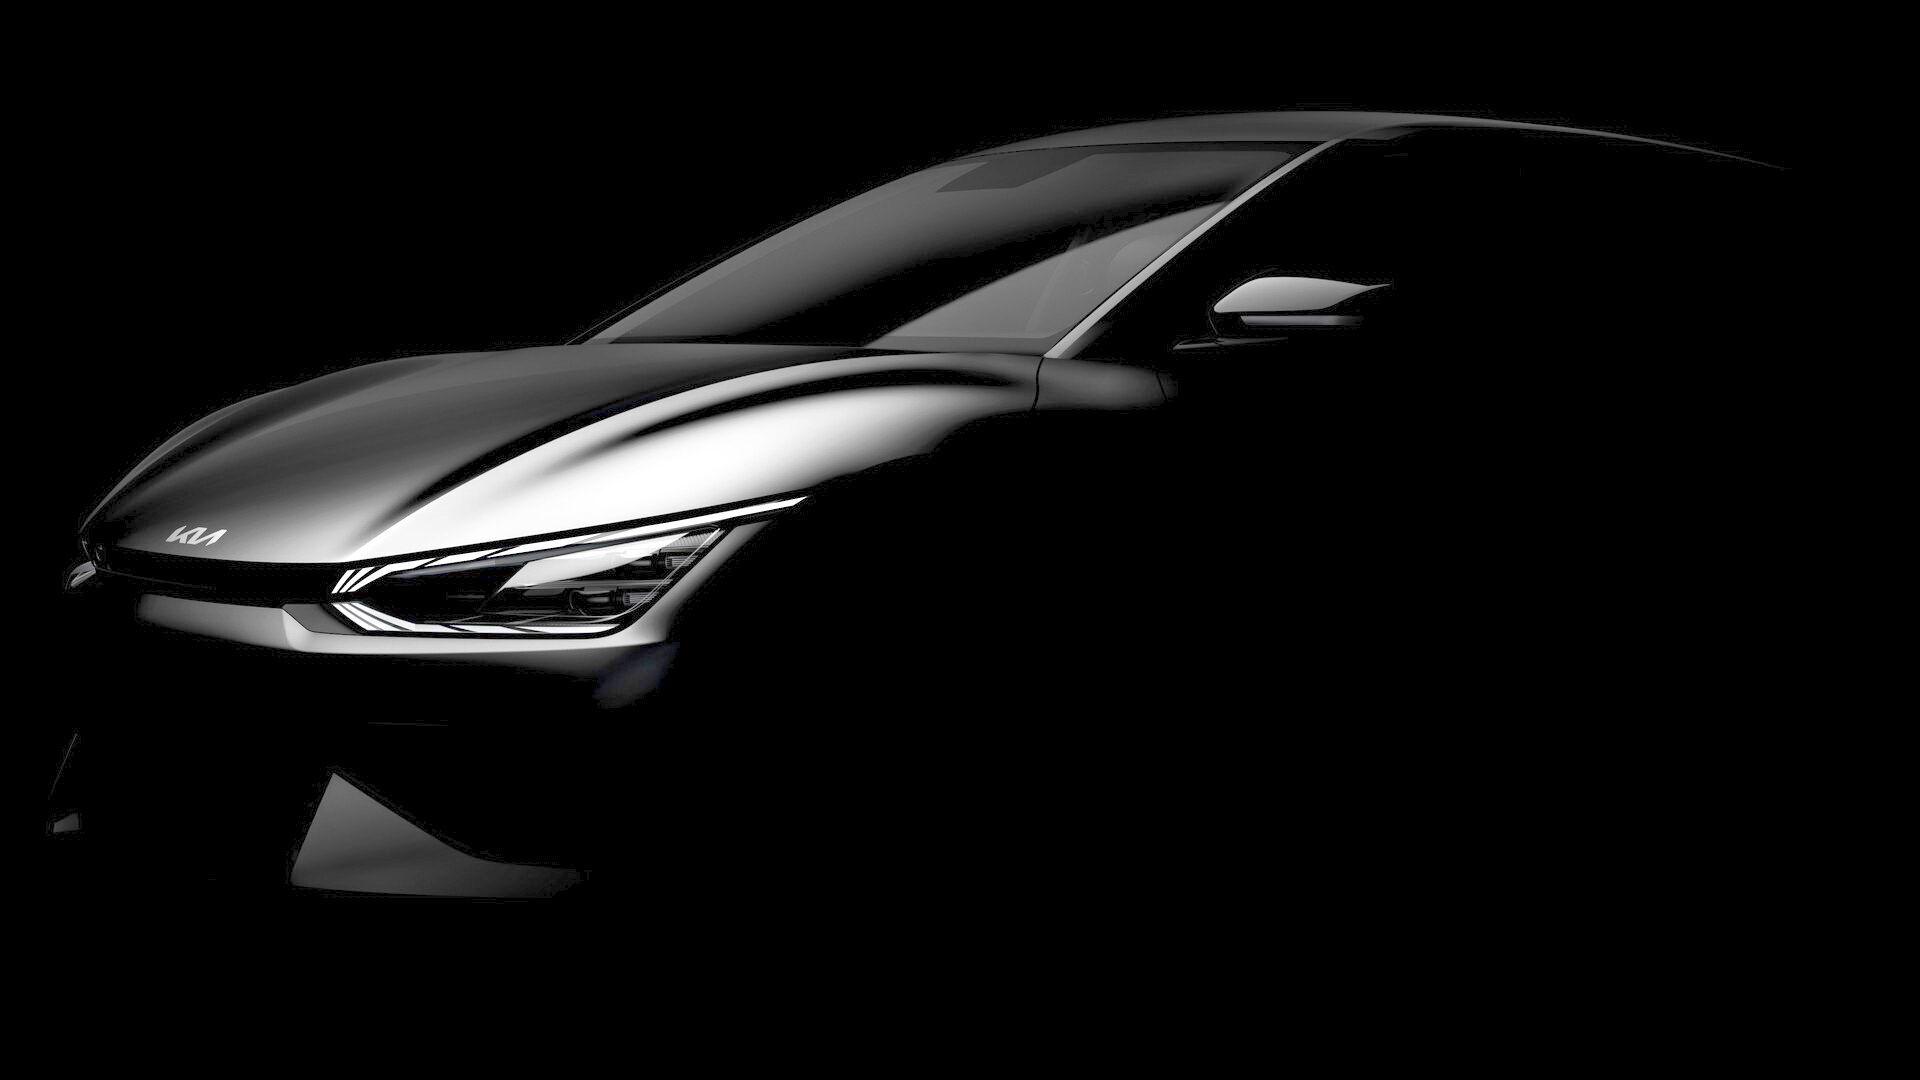 Первый полностью электрический автомобиль марки Kia дебютирует в первом квартале нынешнего года